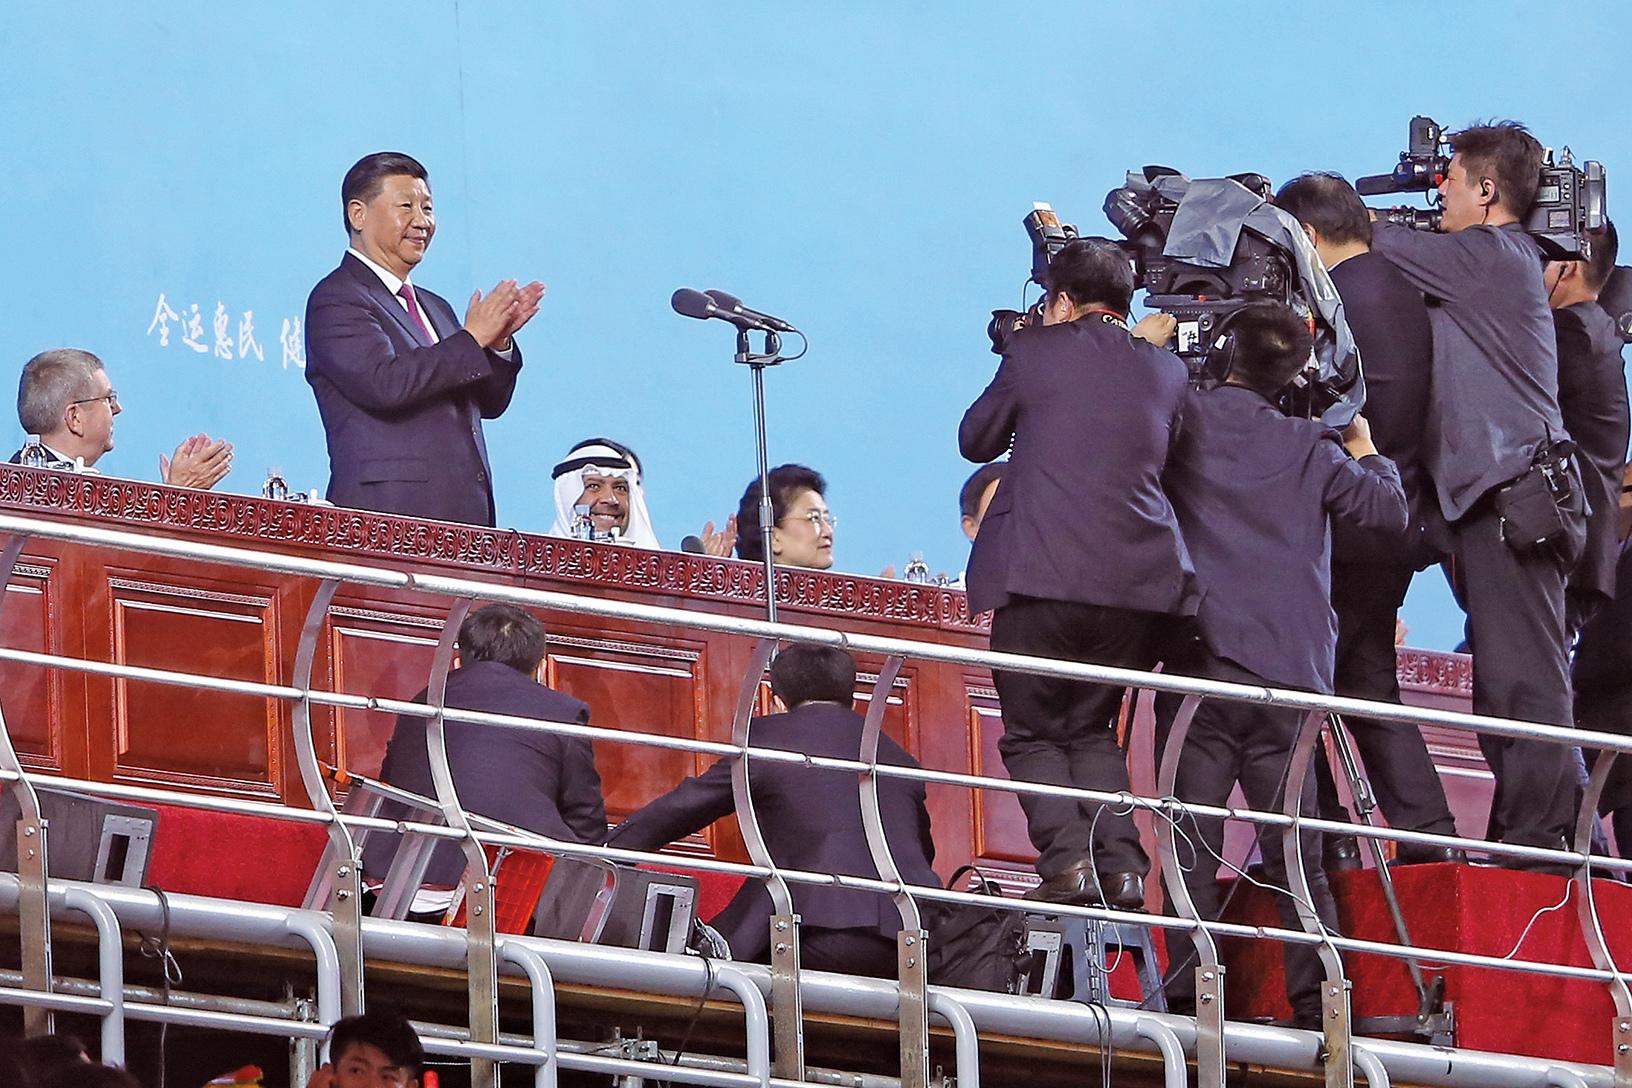 習近平近日三度就「接班人」問題喊話,令外界關注。圖為習出席去年8月27日天津全運會開幕式。(Getty Images)